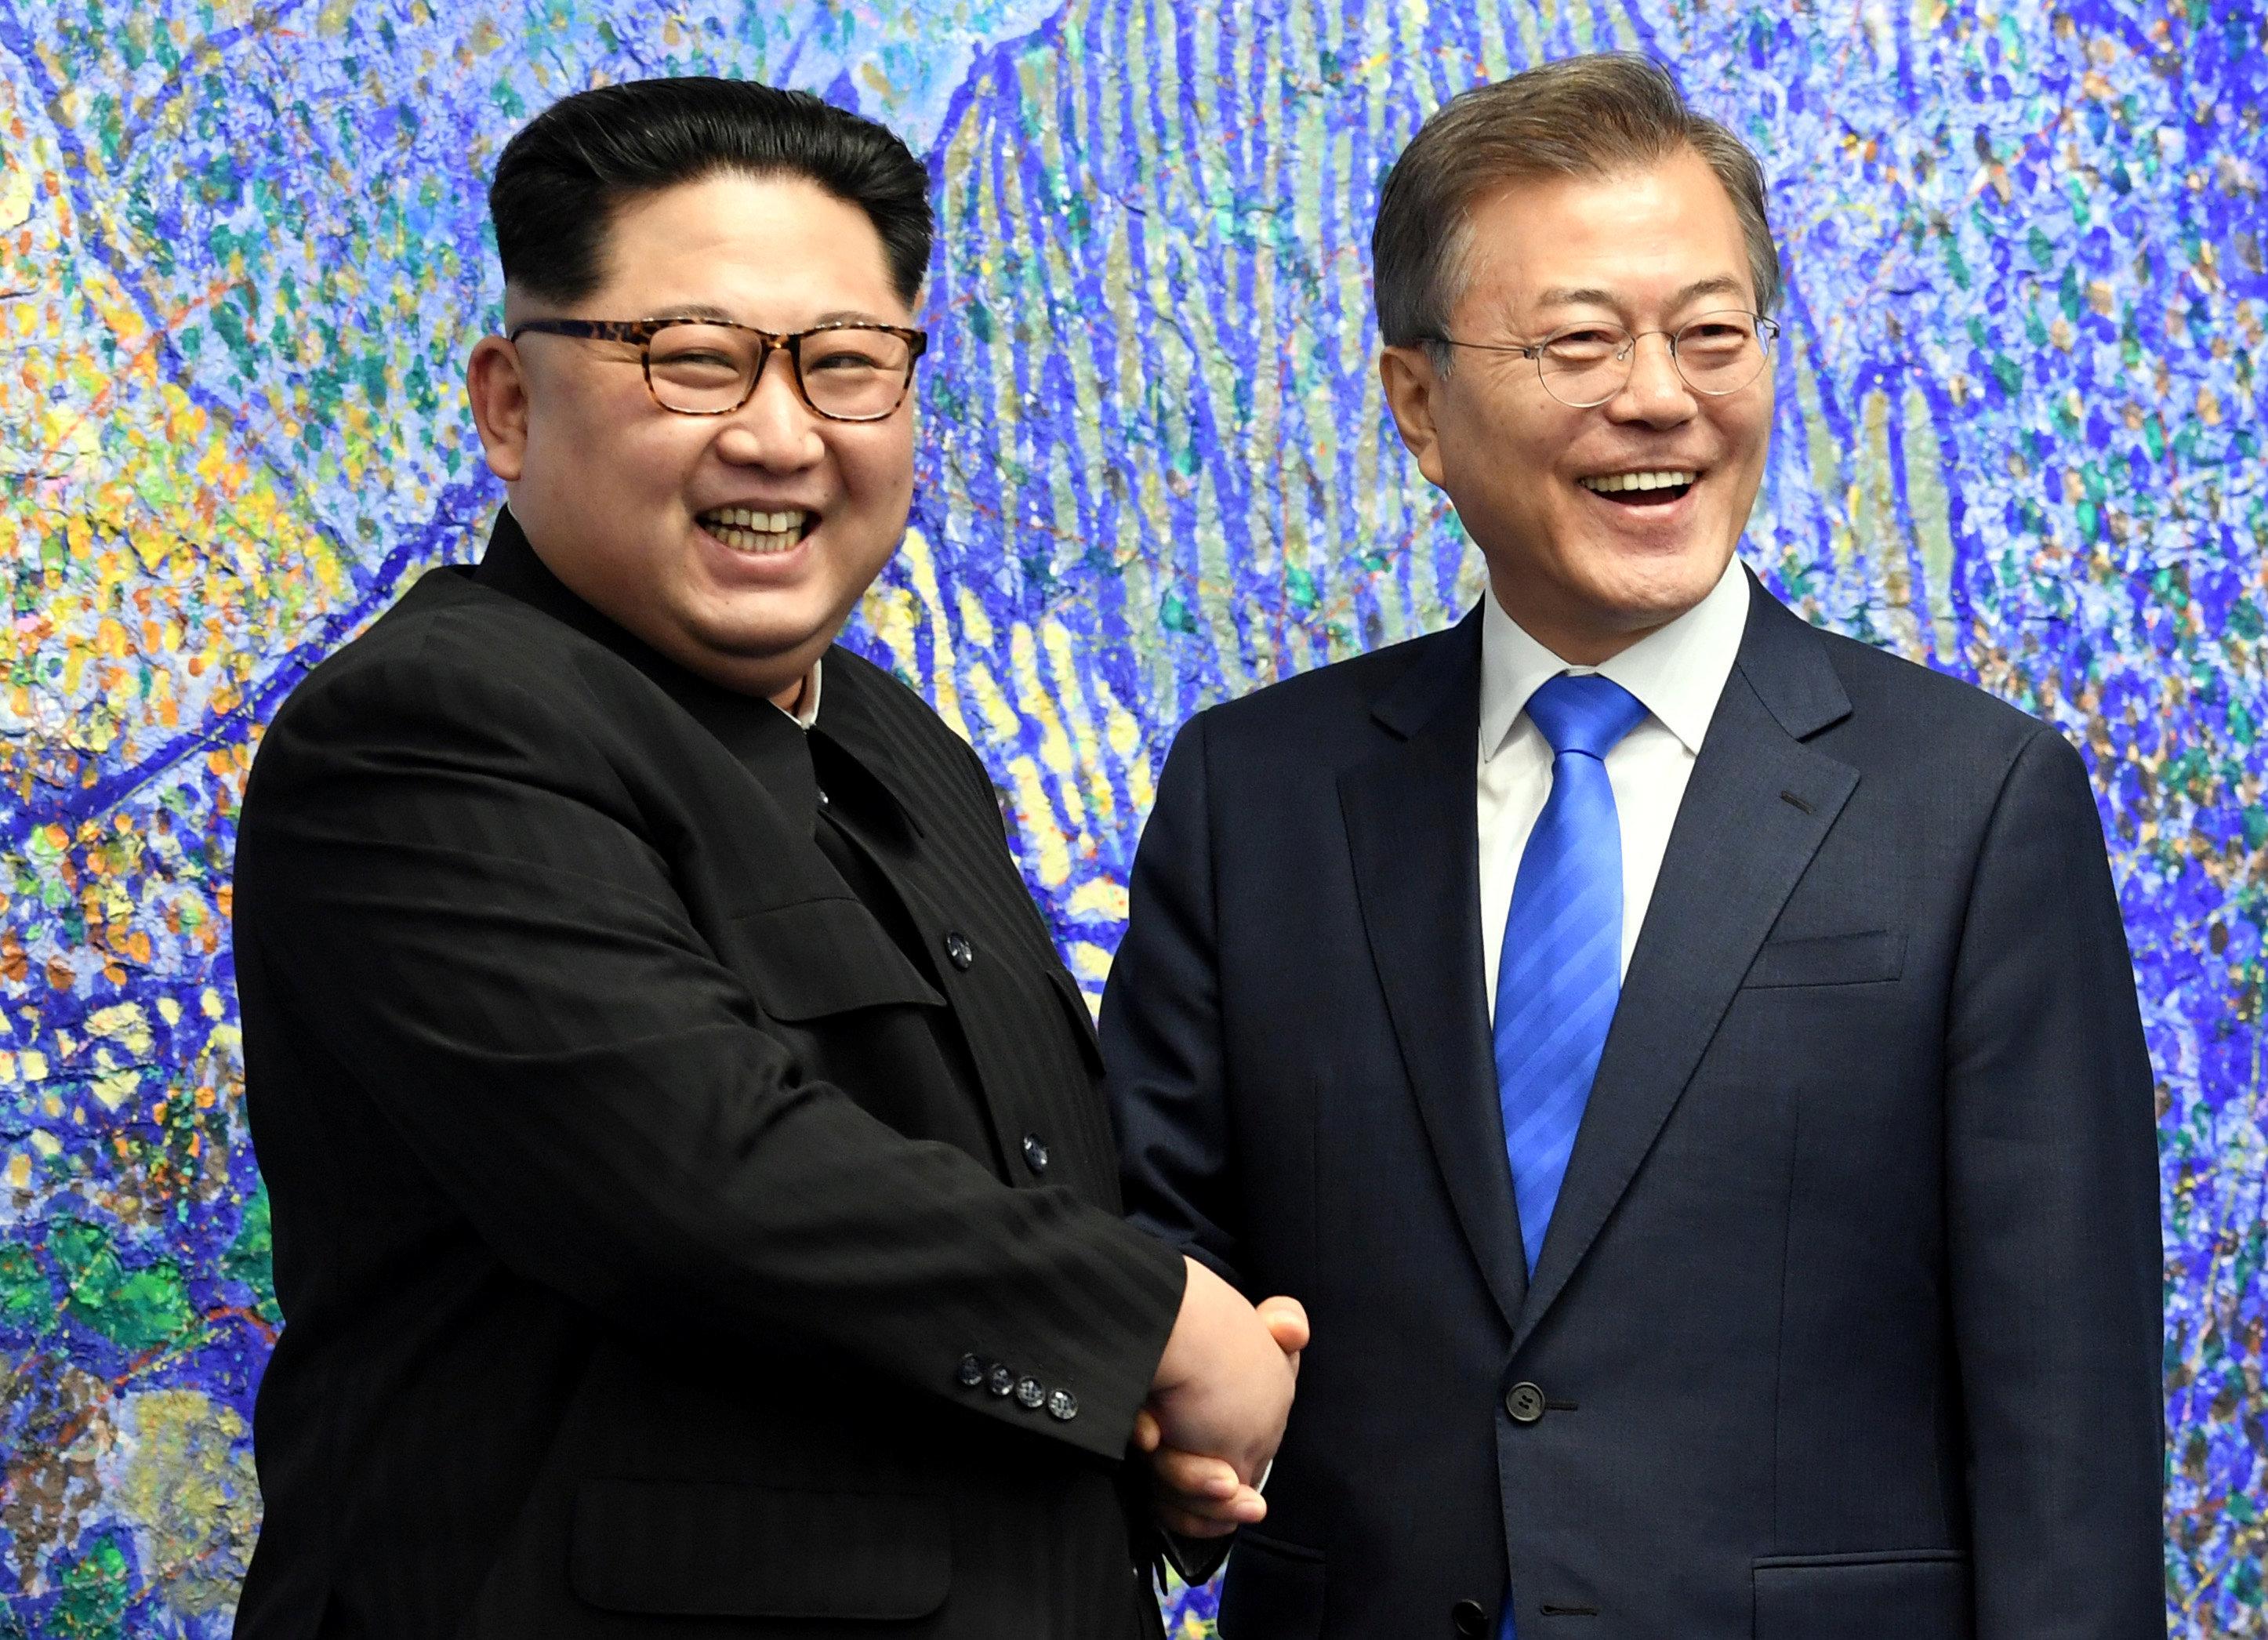 Мун Чжэ Ин и Ким Чен Ын говорили об улучшении отношений между Южной Кореей и КНДР